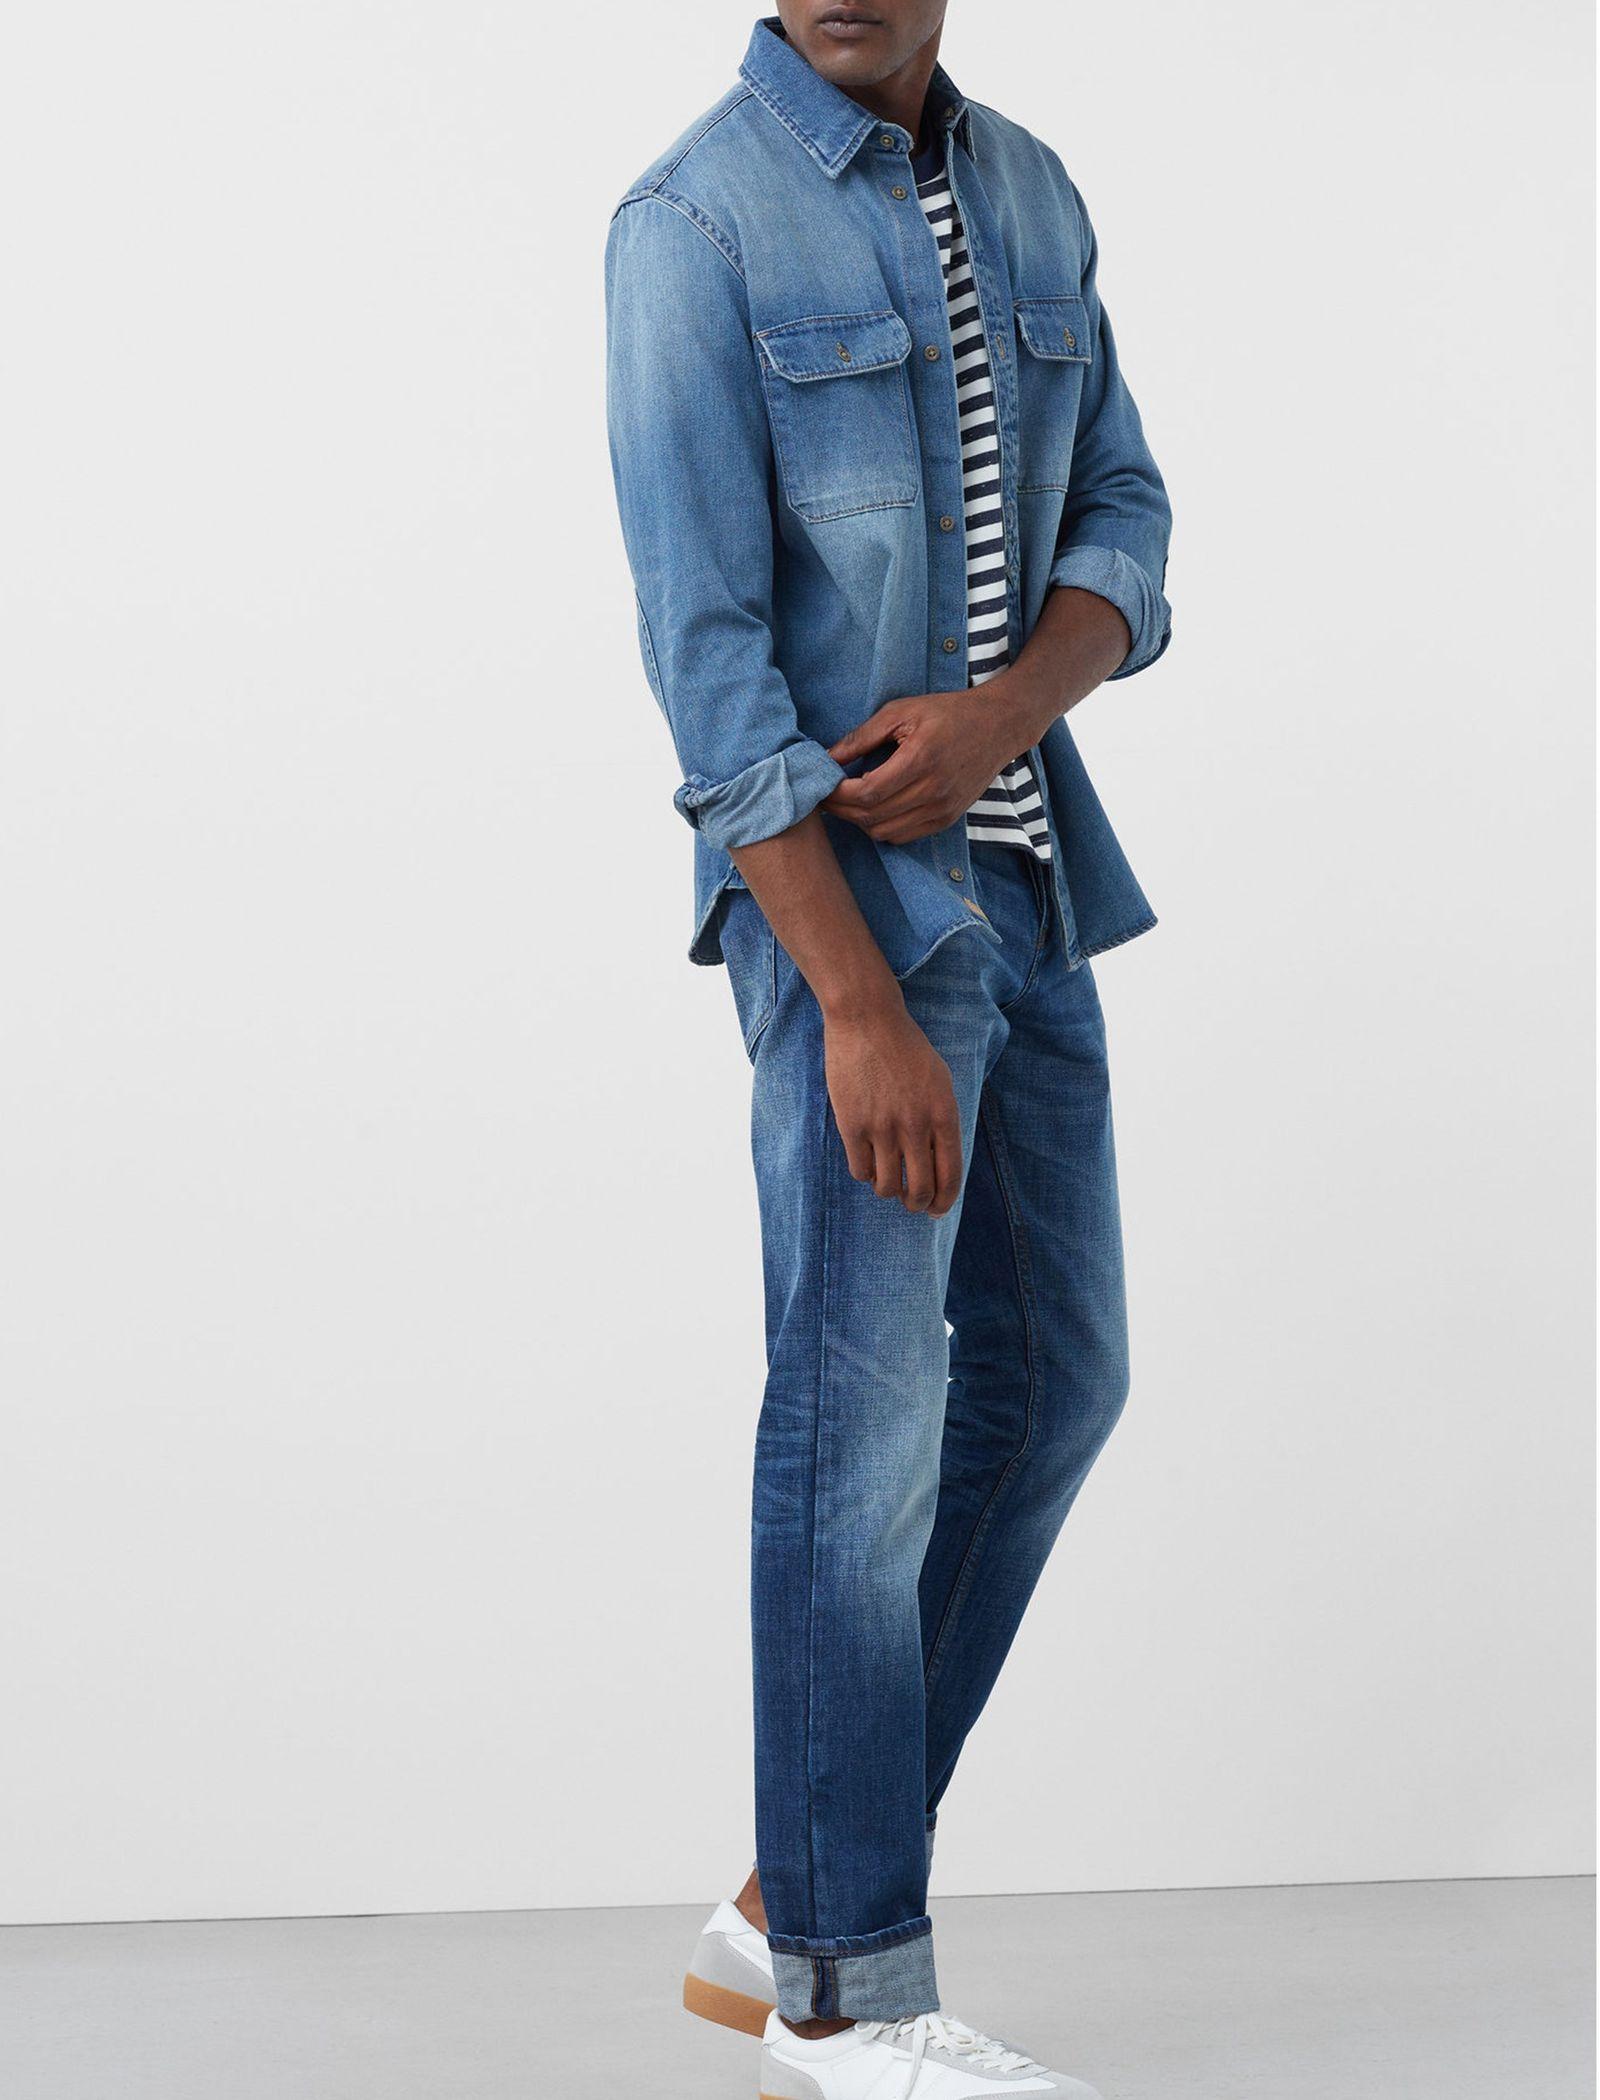 شلوار جین جذب مردانه - مانگو - آبي روشن - 4